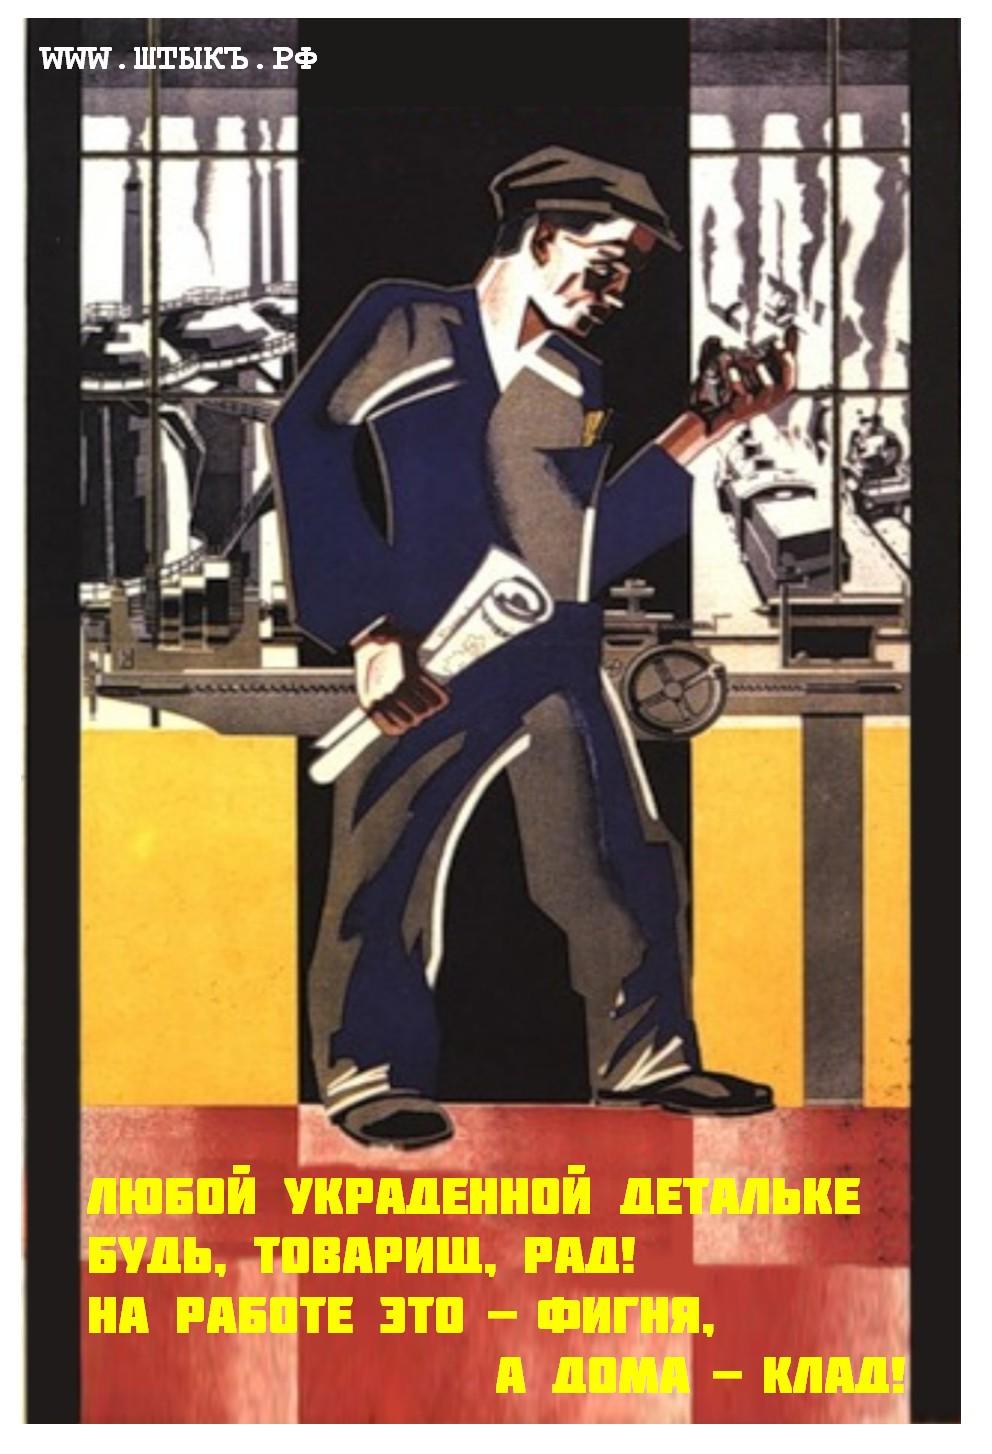 Веселые пародии на советские плакаты